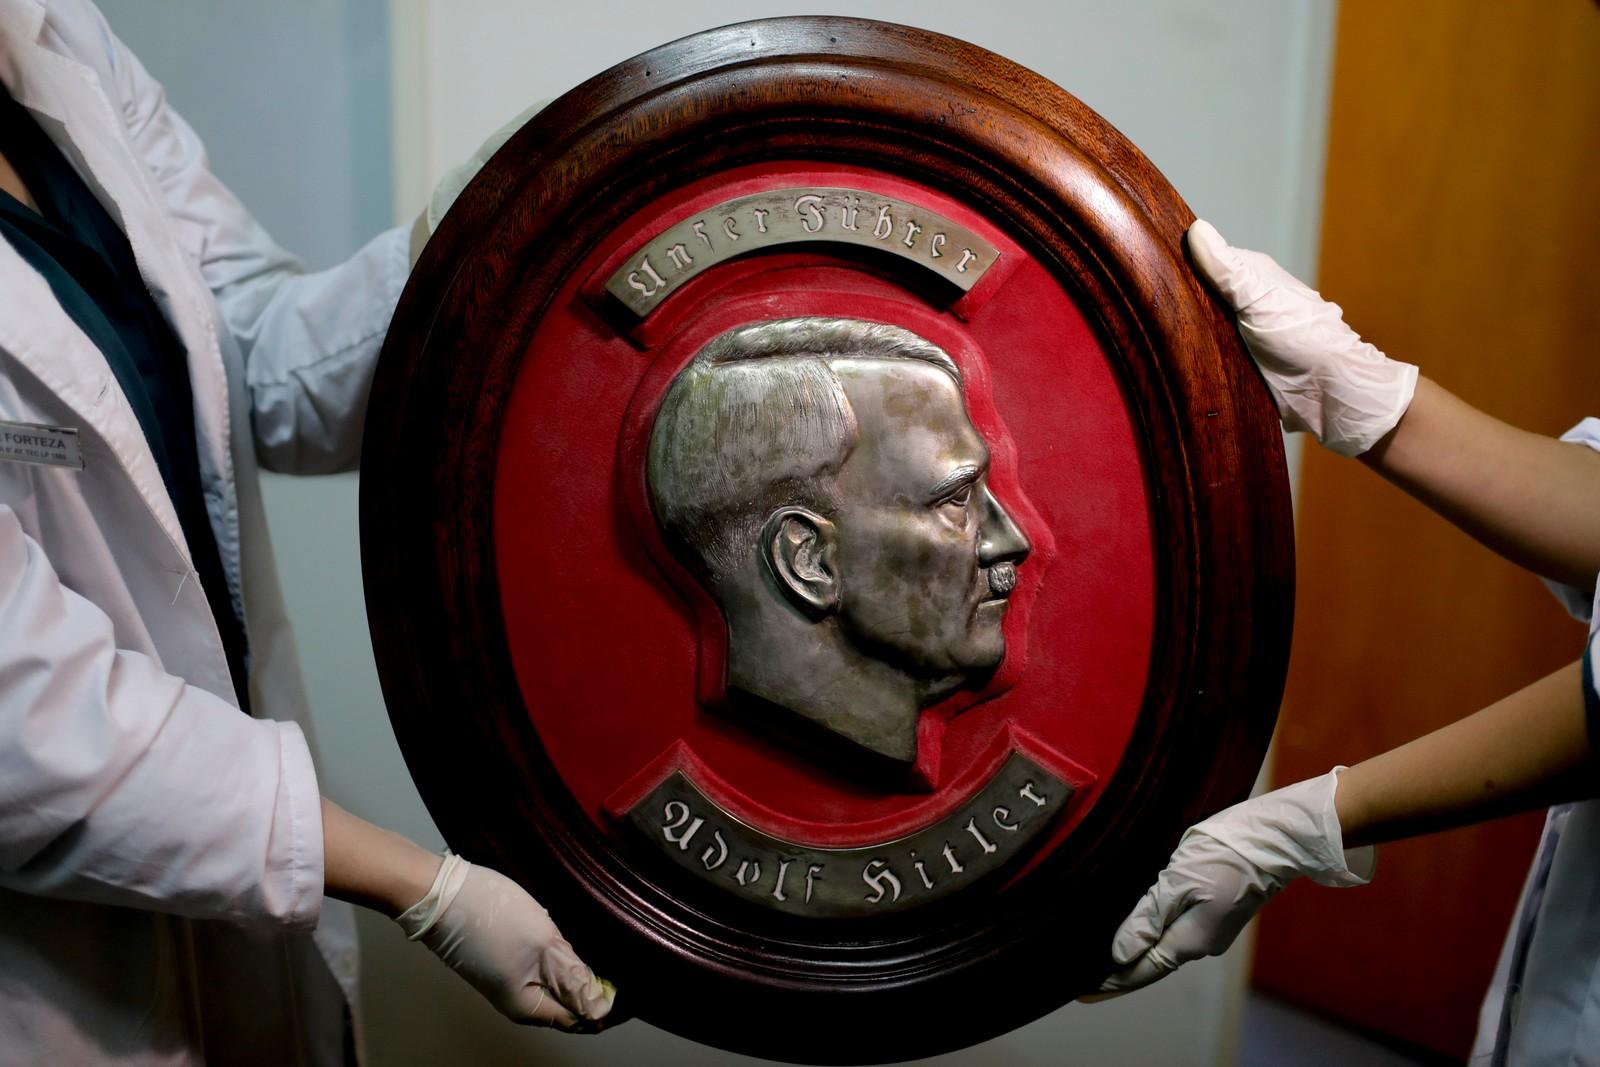 En byste med portrett av nazistenes leder Adolf Hitler.